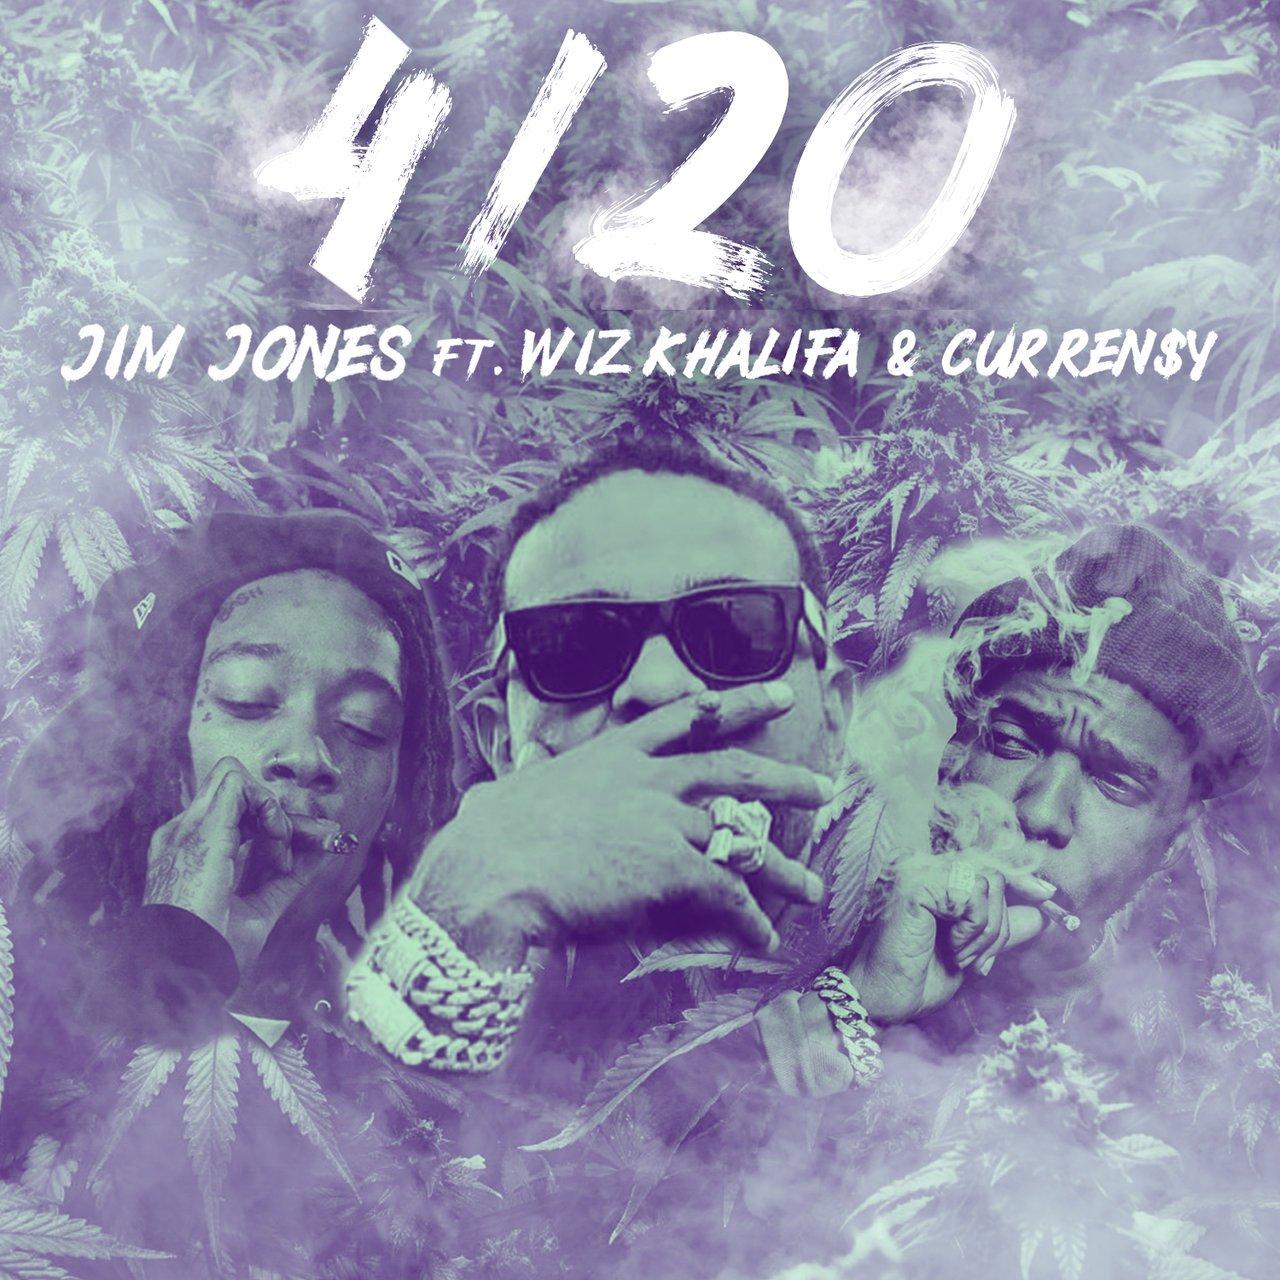 Jim Jones – 4/20 (feat. Wiz Khalifa & Curren$y)